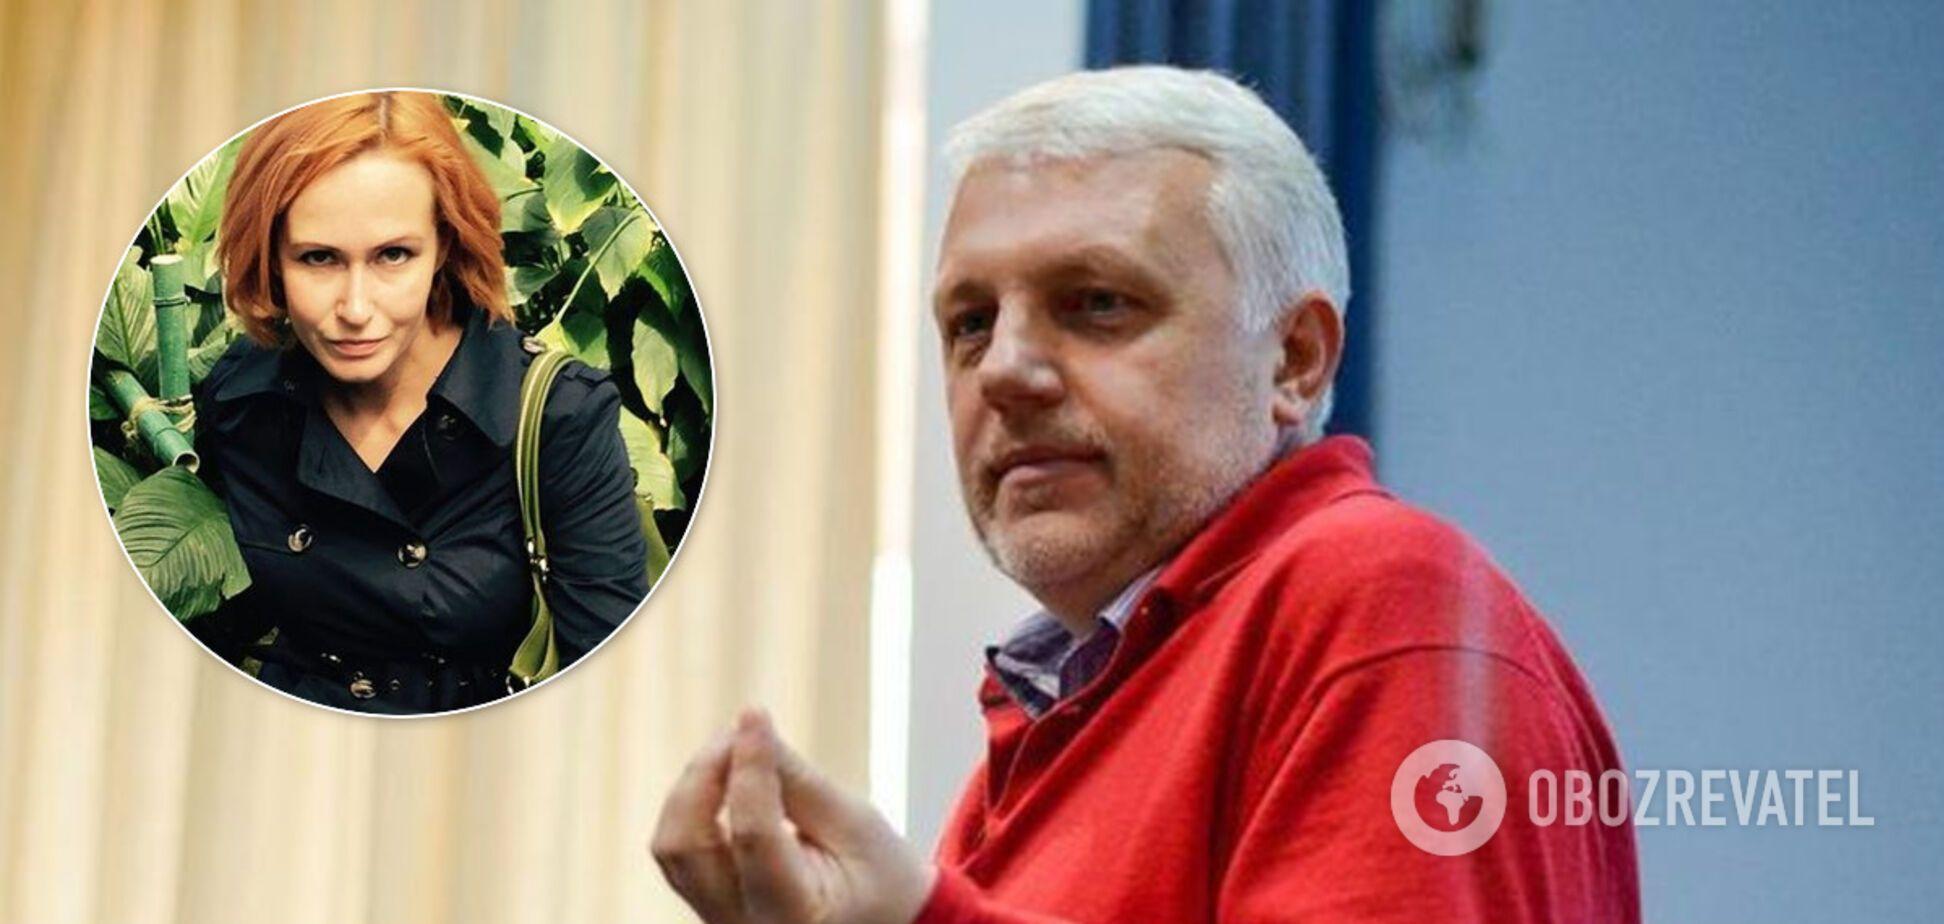 Суд оставил подозреваемую в убийстве Шеремета Кузьменко под стражей еще на два месяца. Иллюстрация